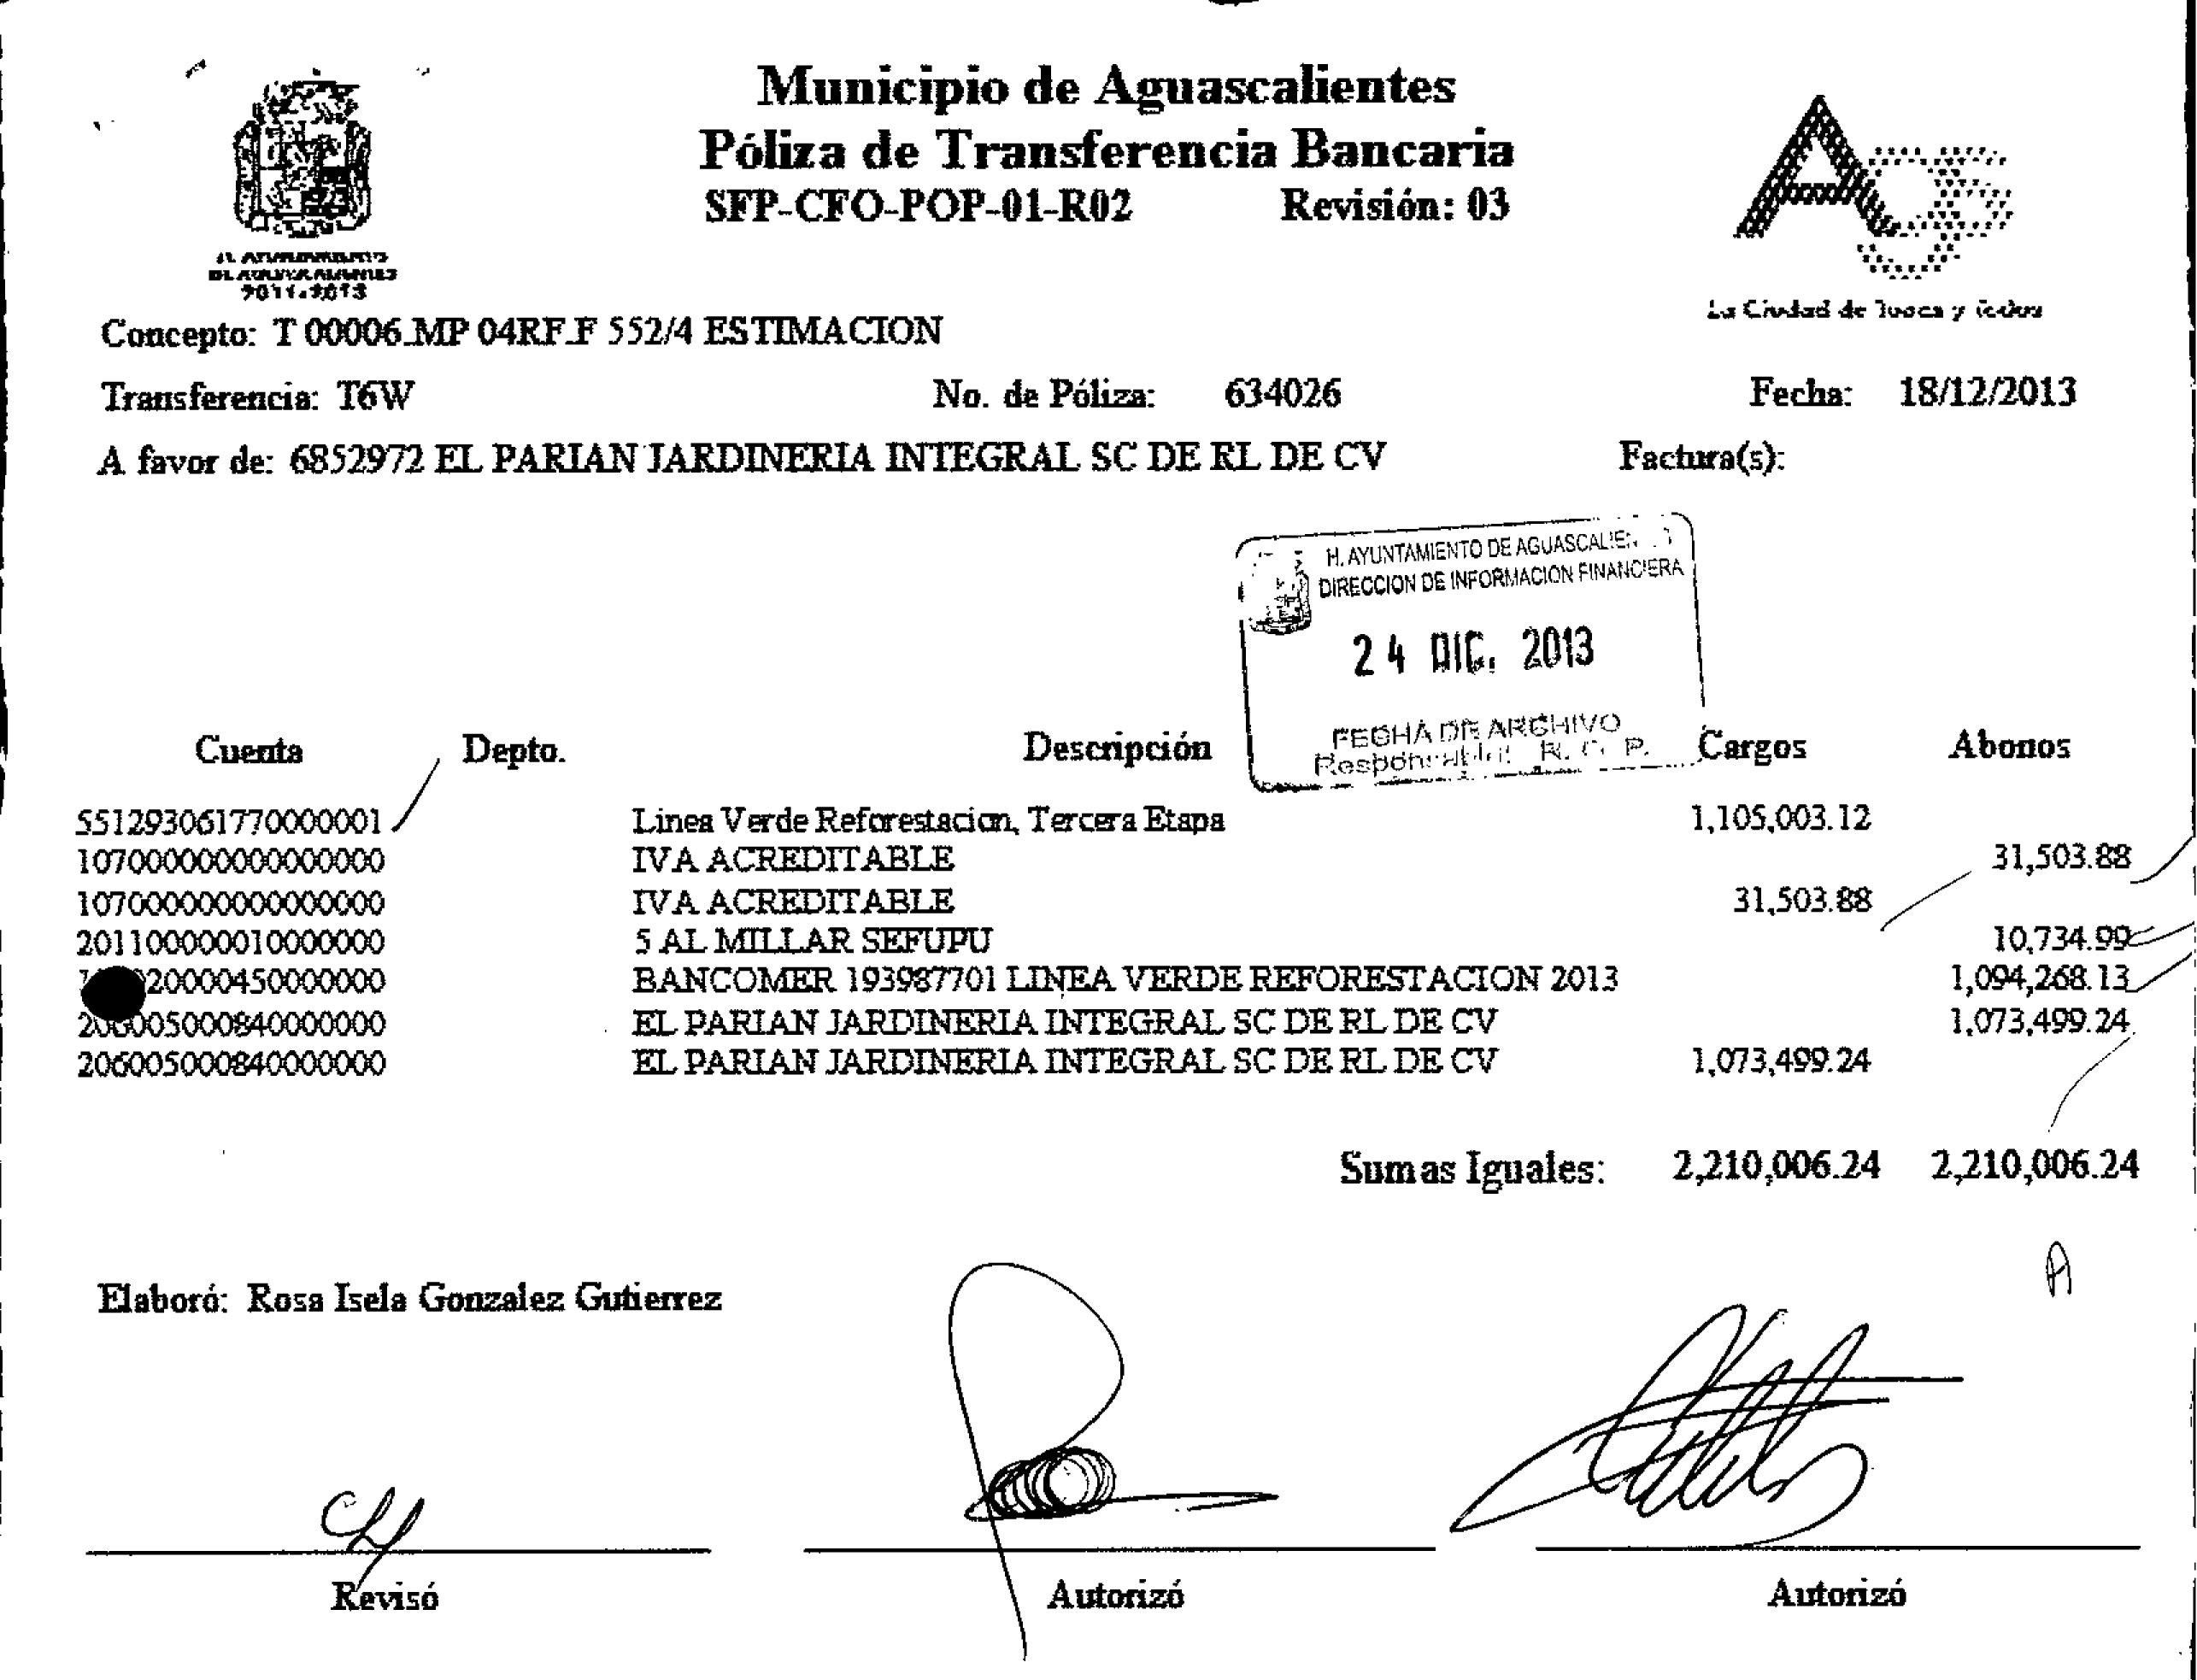 ¡Incumple empresa a la que le pagaron 32mdp por reforestar Linea Verde en la gestión de Lorena Martínez!